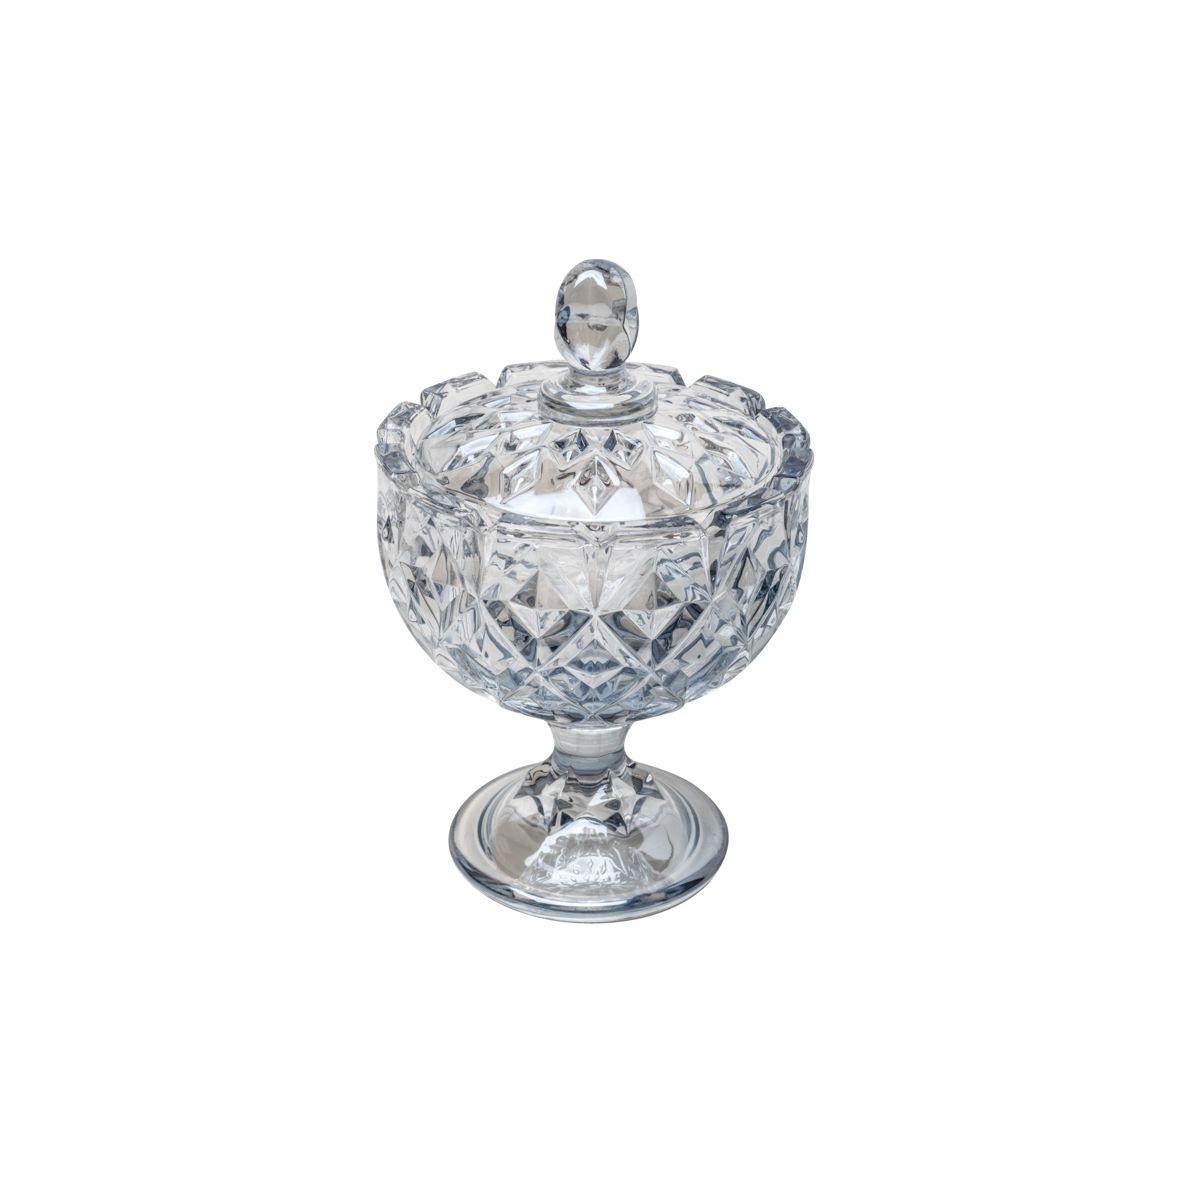 Bomboniere c/ Pé Wolff Crown em Cristal 26389